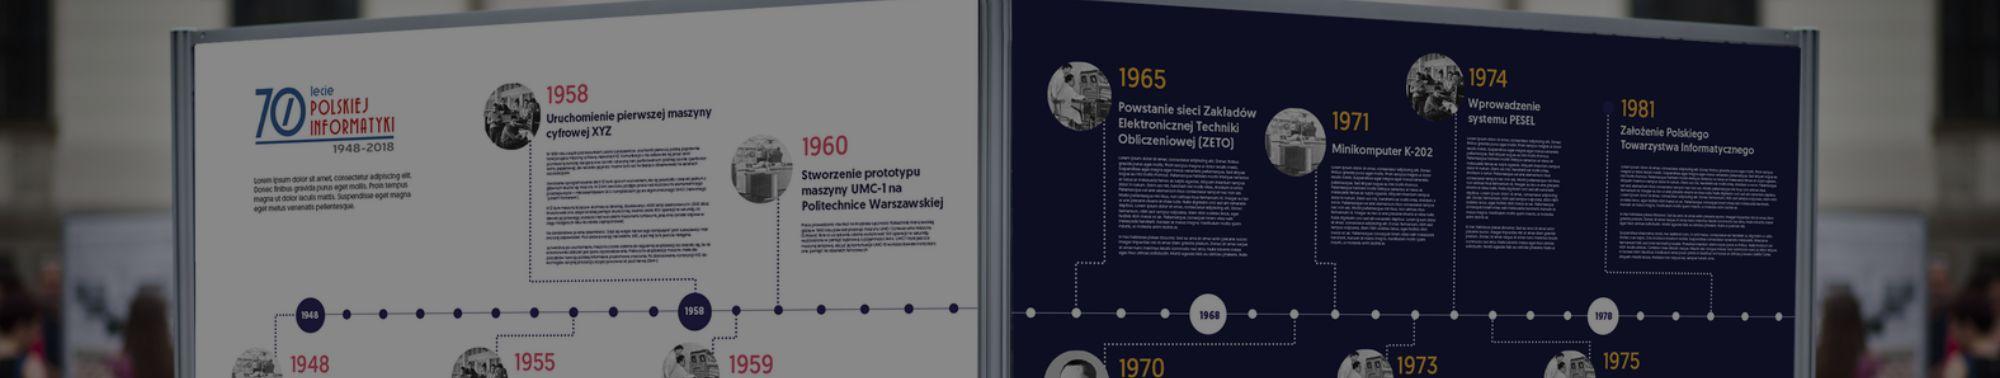 70 lat polskiej informatyki